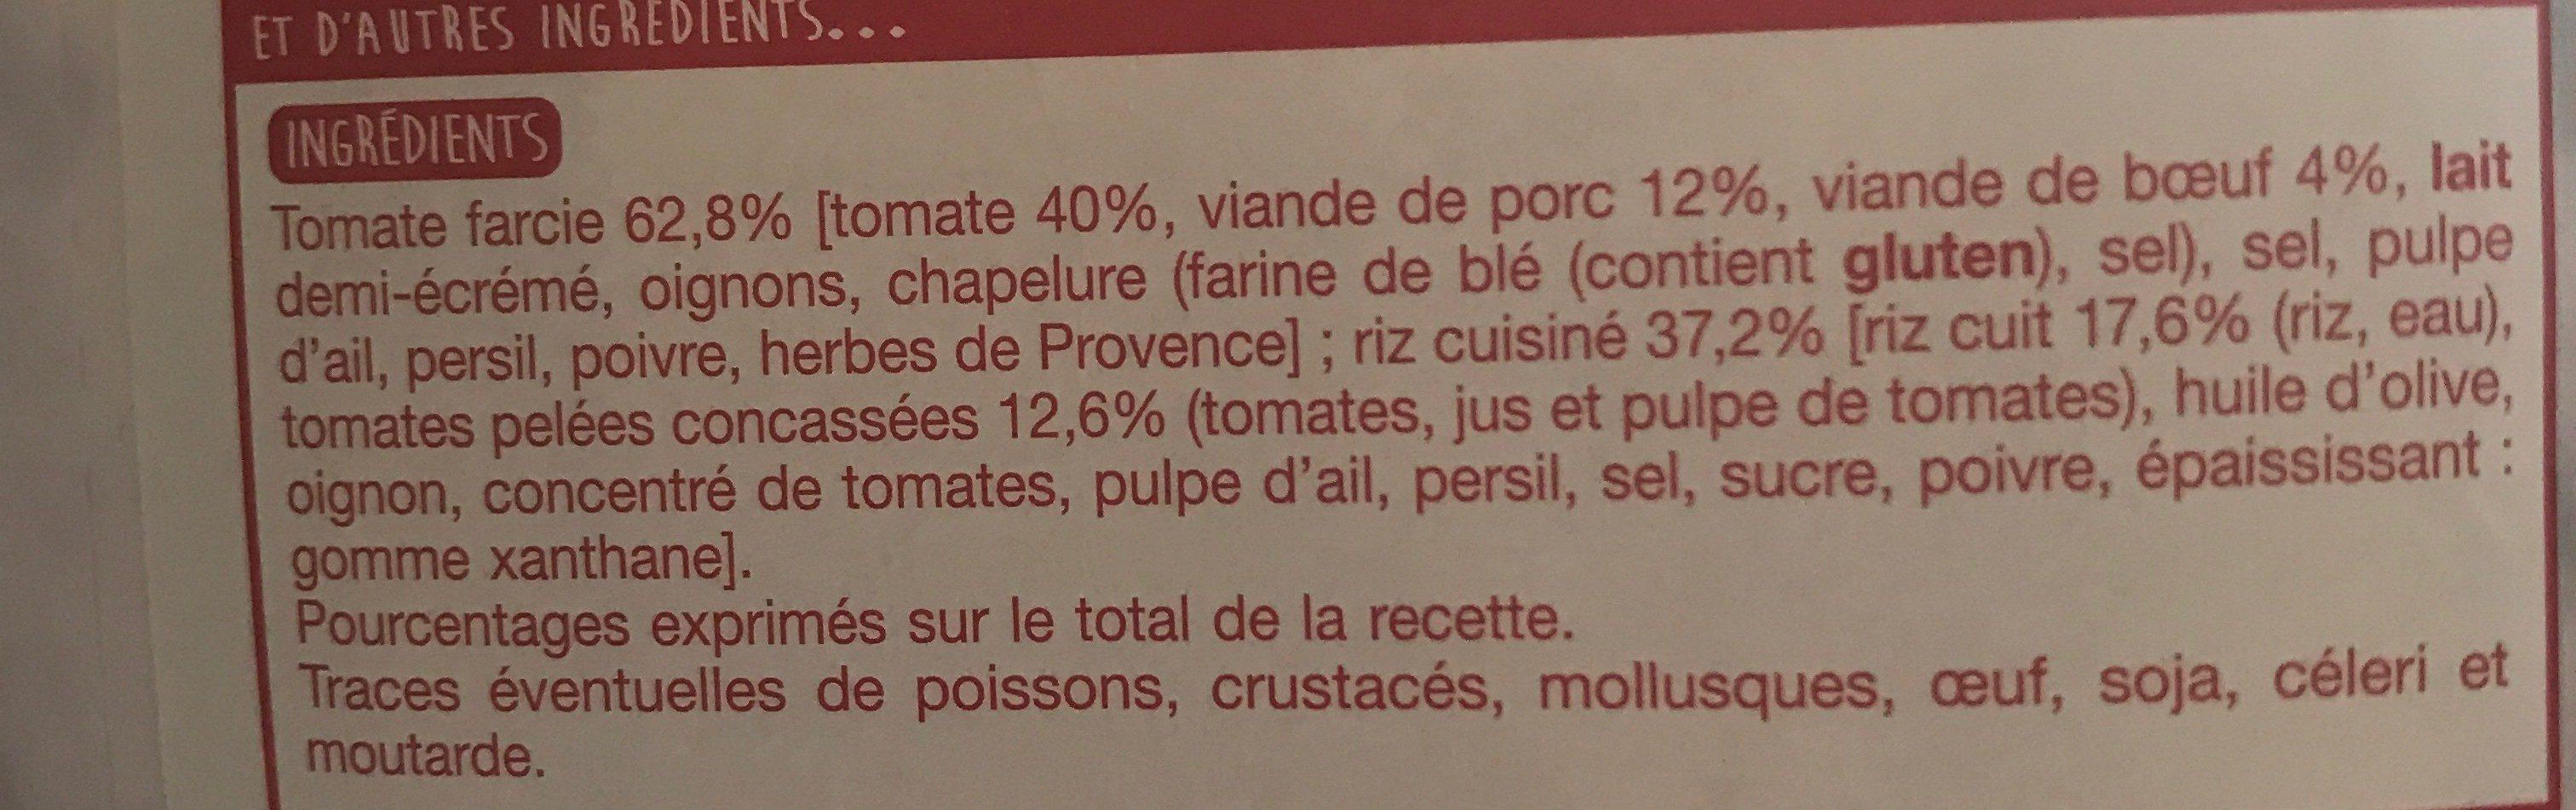 Tomates farcies et leur riz cuisiné - Ingrédients - fr